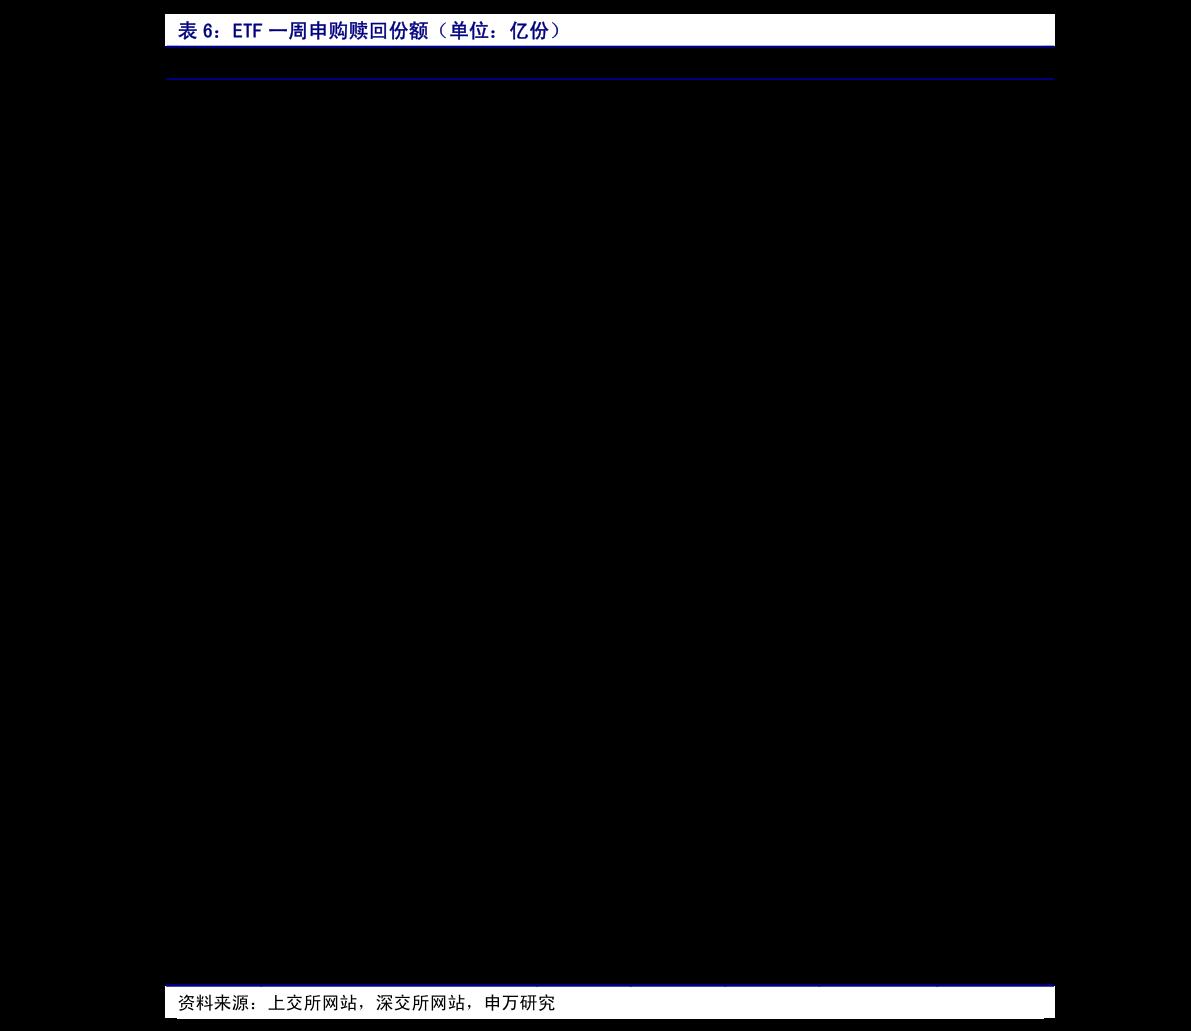 华宝千赢国际app下载-ETP日报:权益ETP跌多涨少,周期类ETP上涨-201015